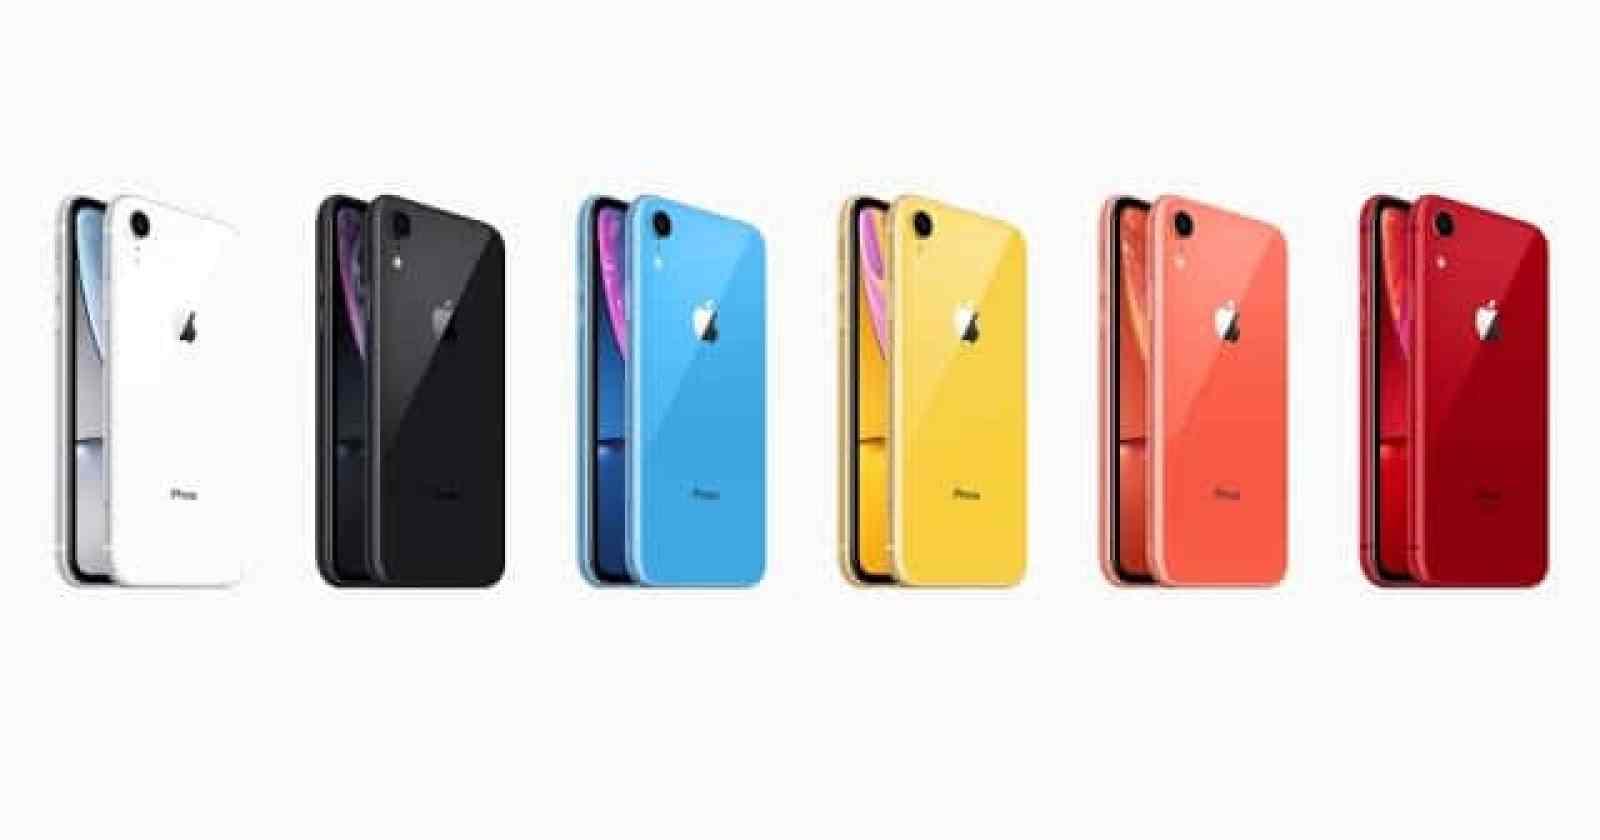 - ipadprophotoshop 7 - แหล่งข่าวเผย Apple iPhone XR ไม่ได้ขายดีอย่างที่คาด